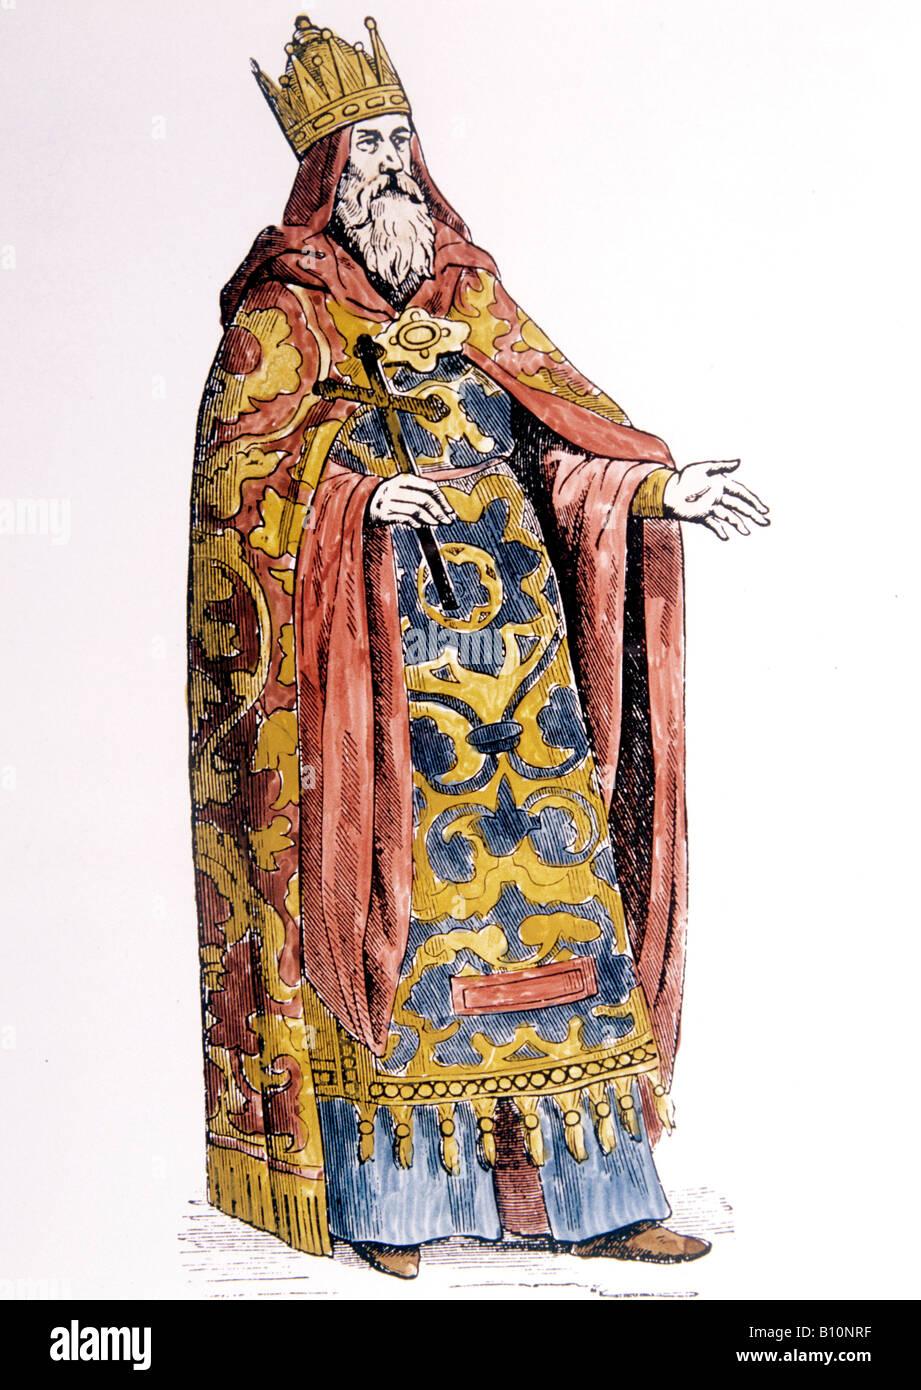 Preste João xilogravura medieval antiga arte e Arquitetura de recolha Imagens de Stock